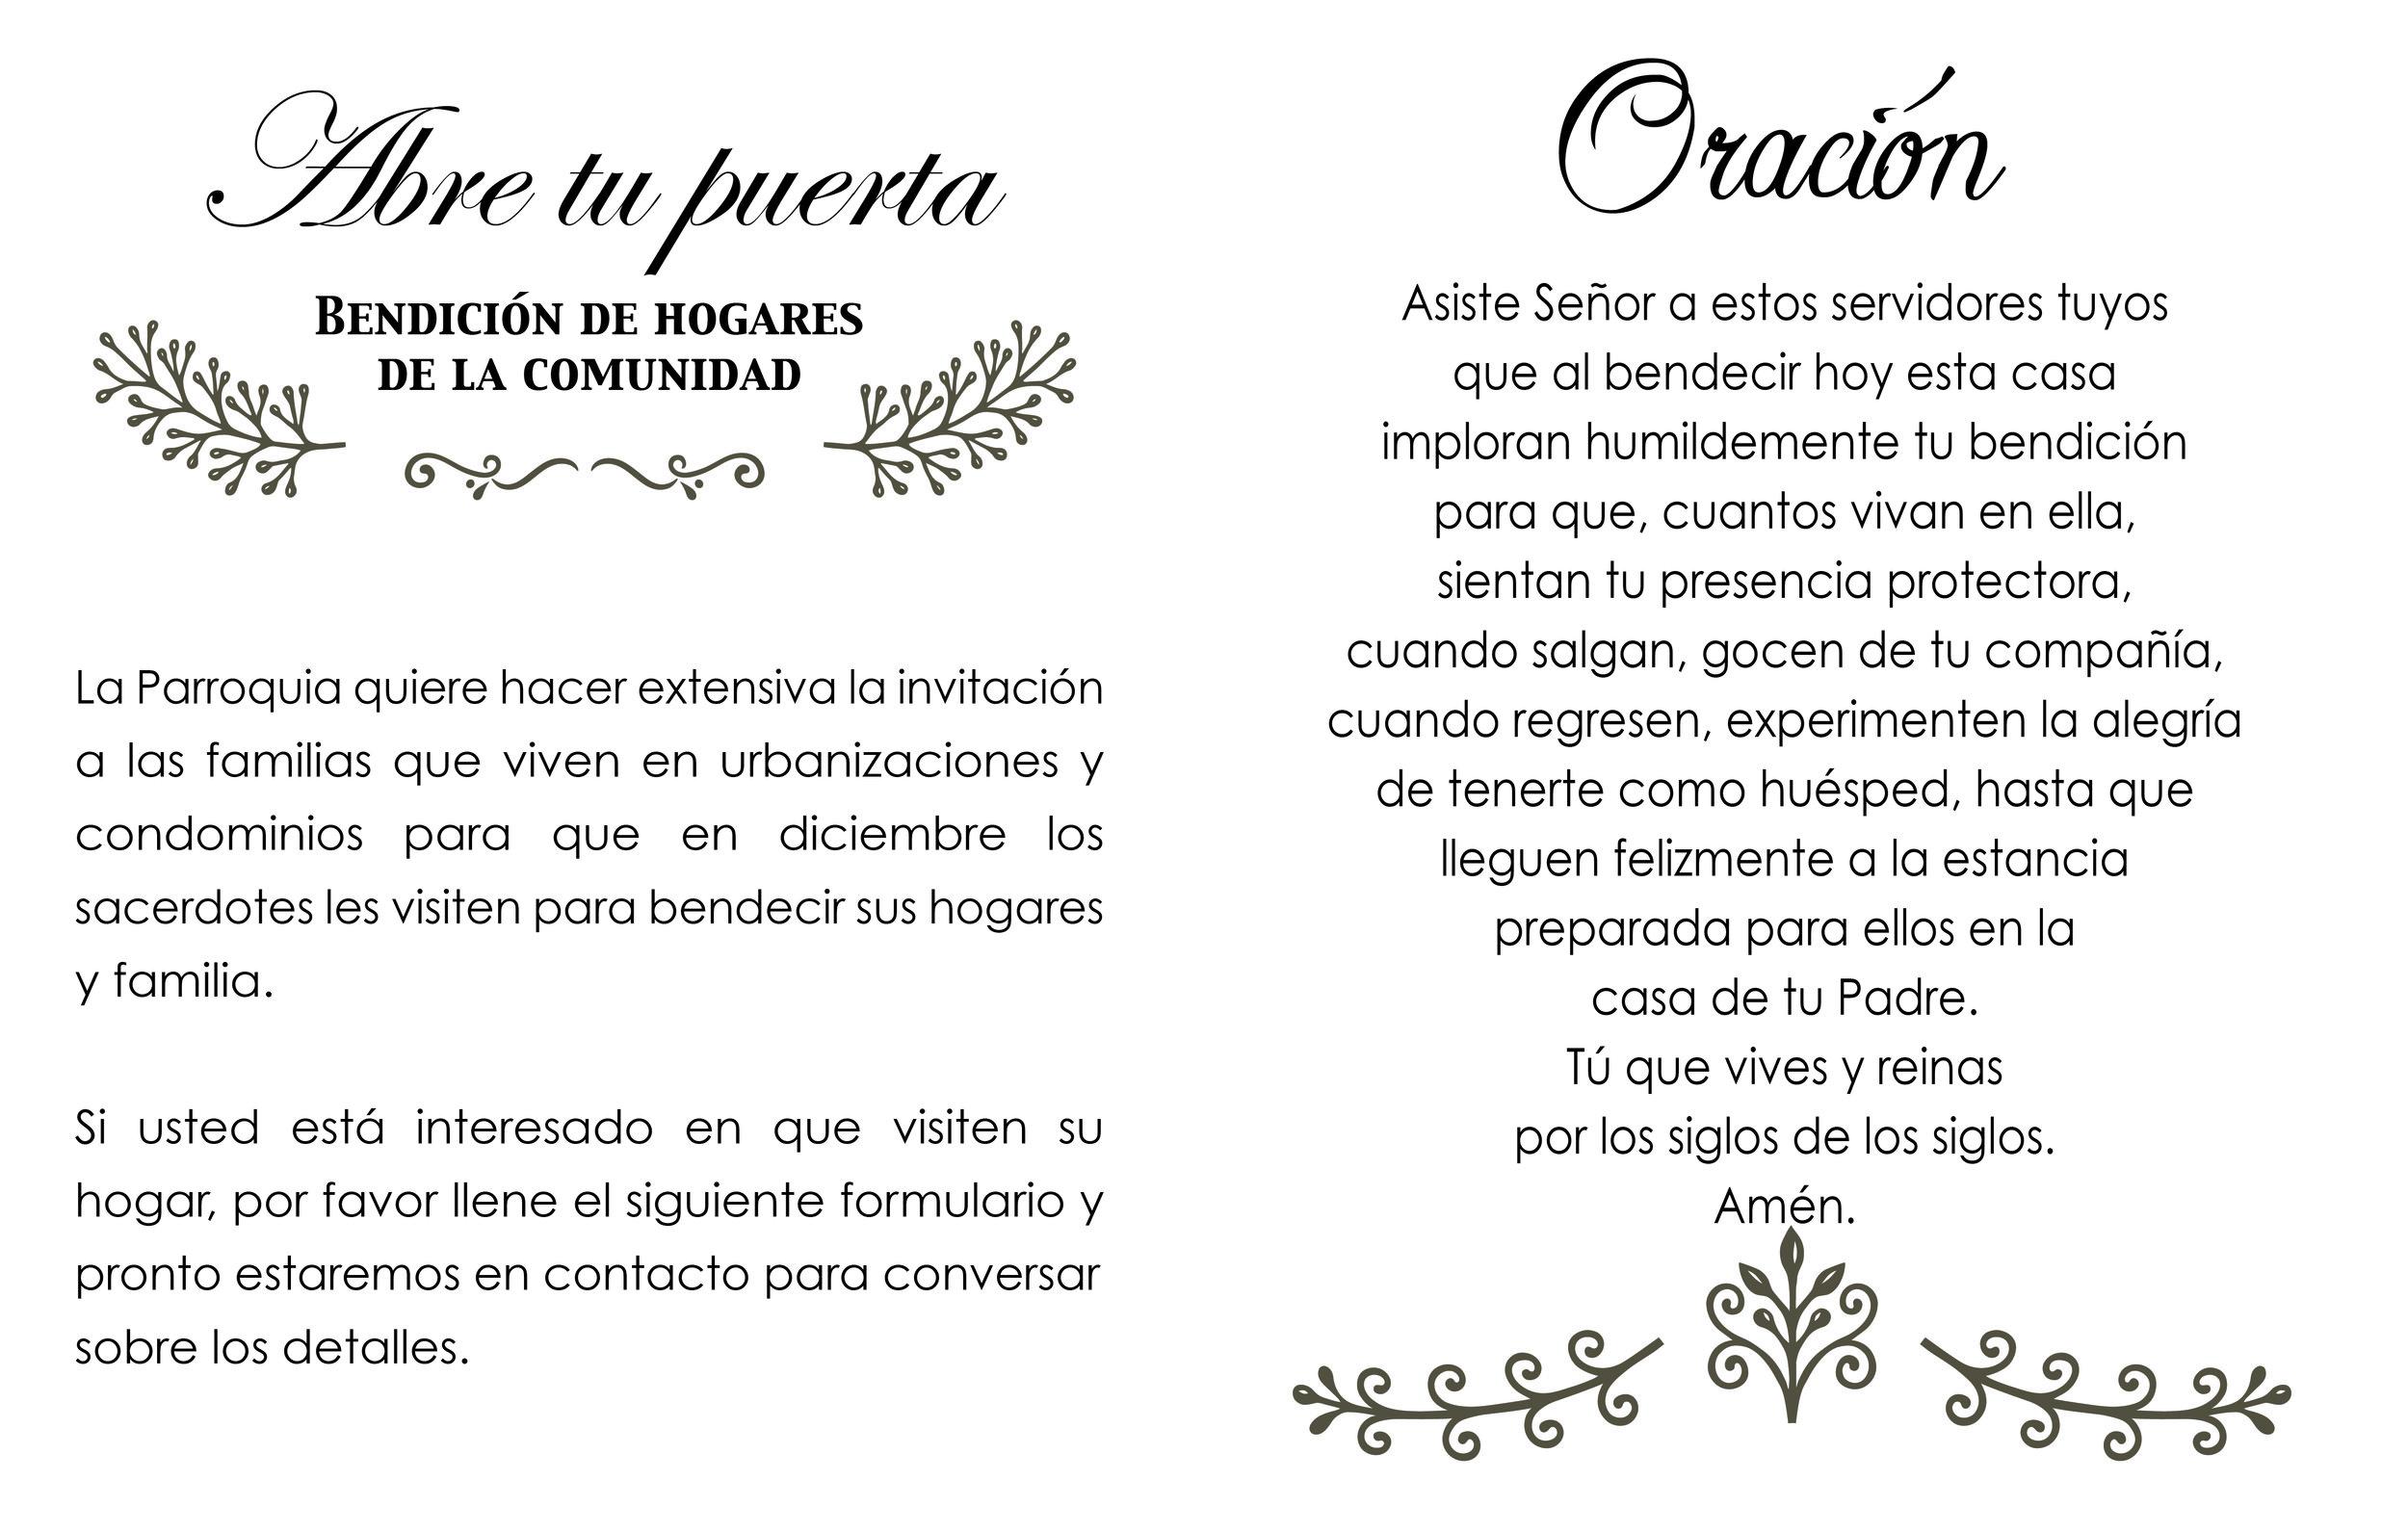 bendicion de hogares-03.jpg